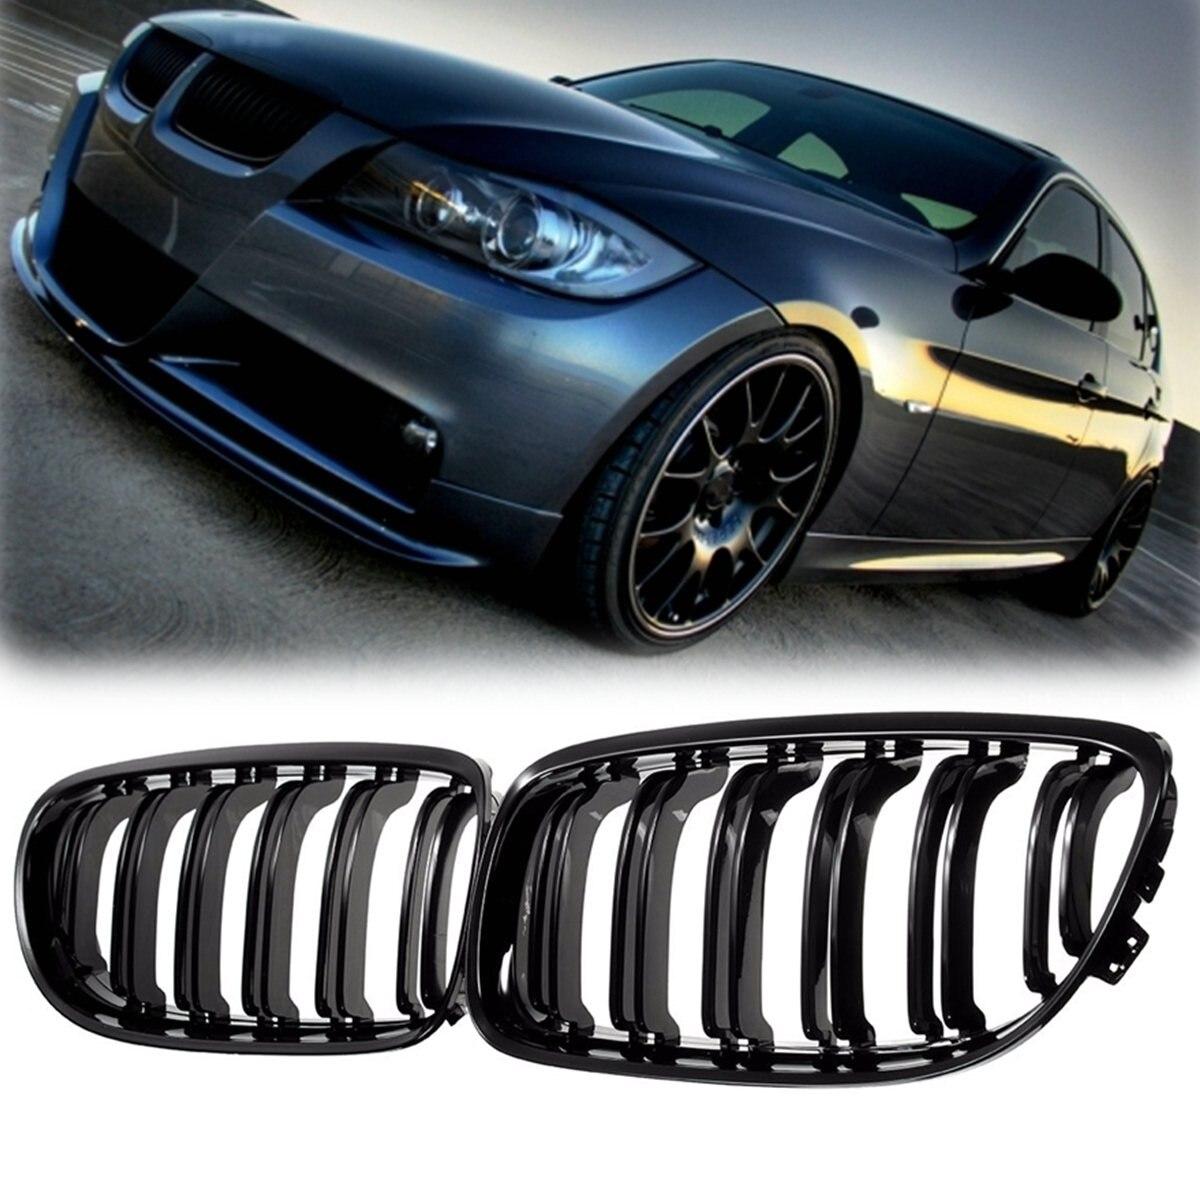 Paire calandre noire mate/brillante pour BMW E90 LCI 3 séries berline/Wagon 09-11 grilles de course